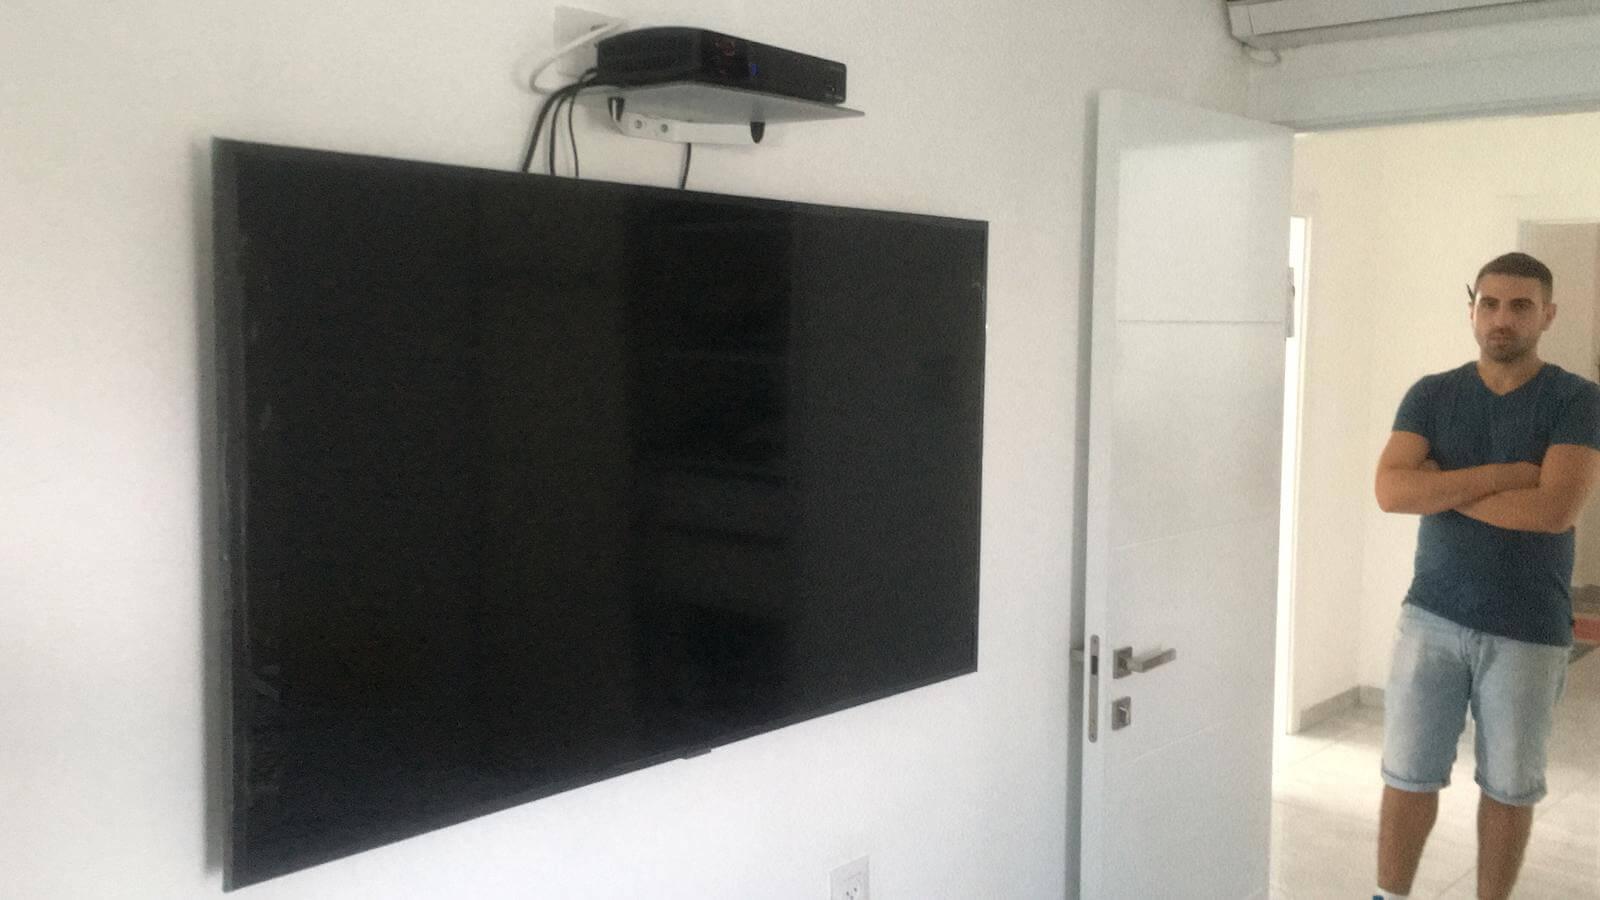 תמונת גלריה הגדול בהתקנות מתקין טלוויזיות מקצועי עם יחס אישי 15